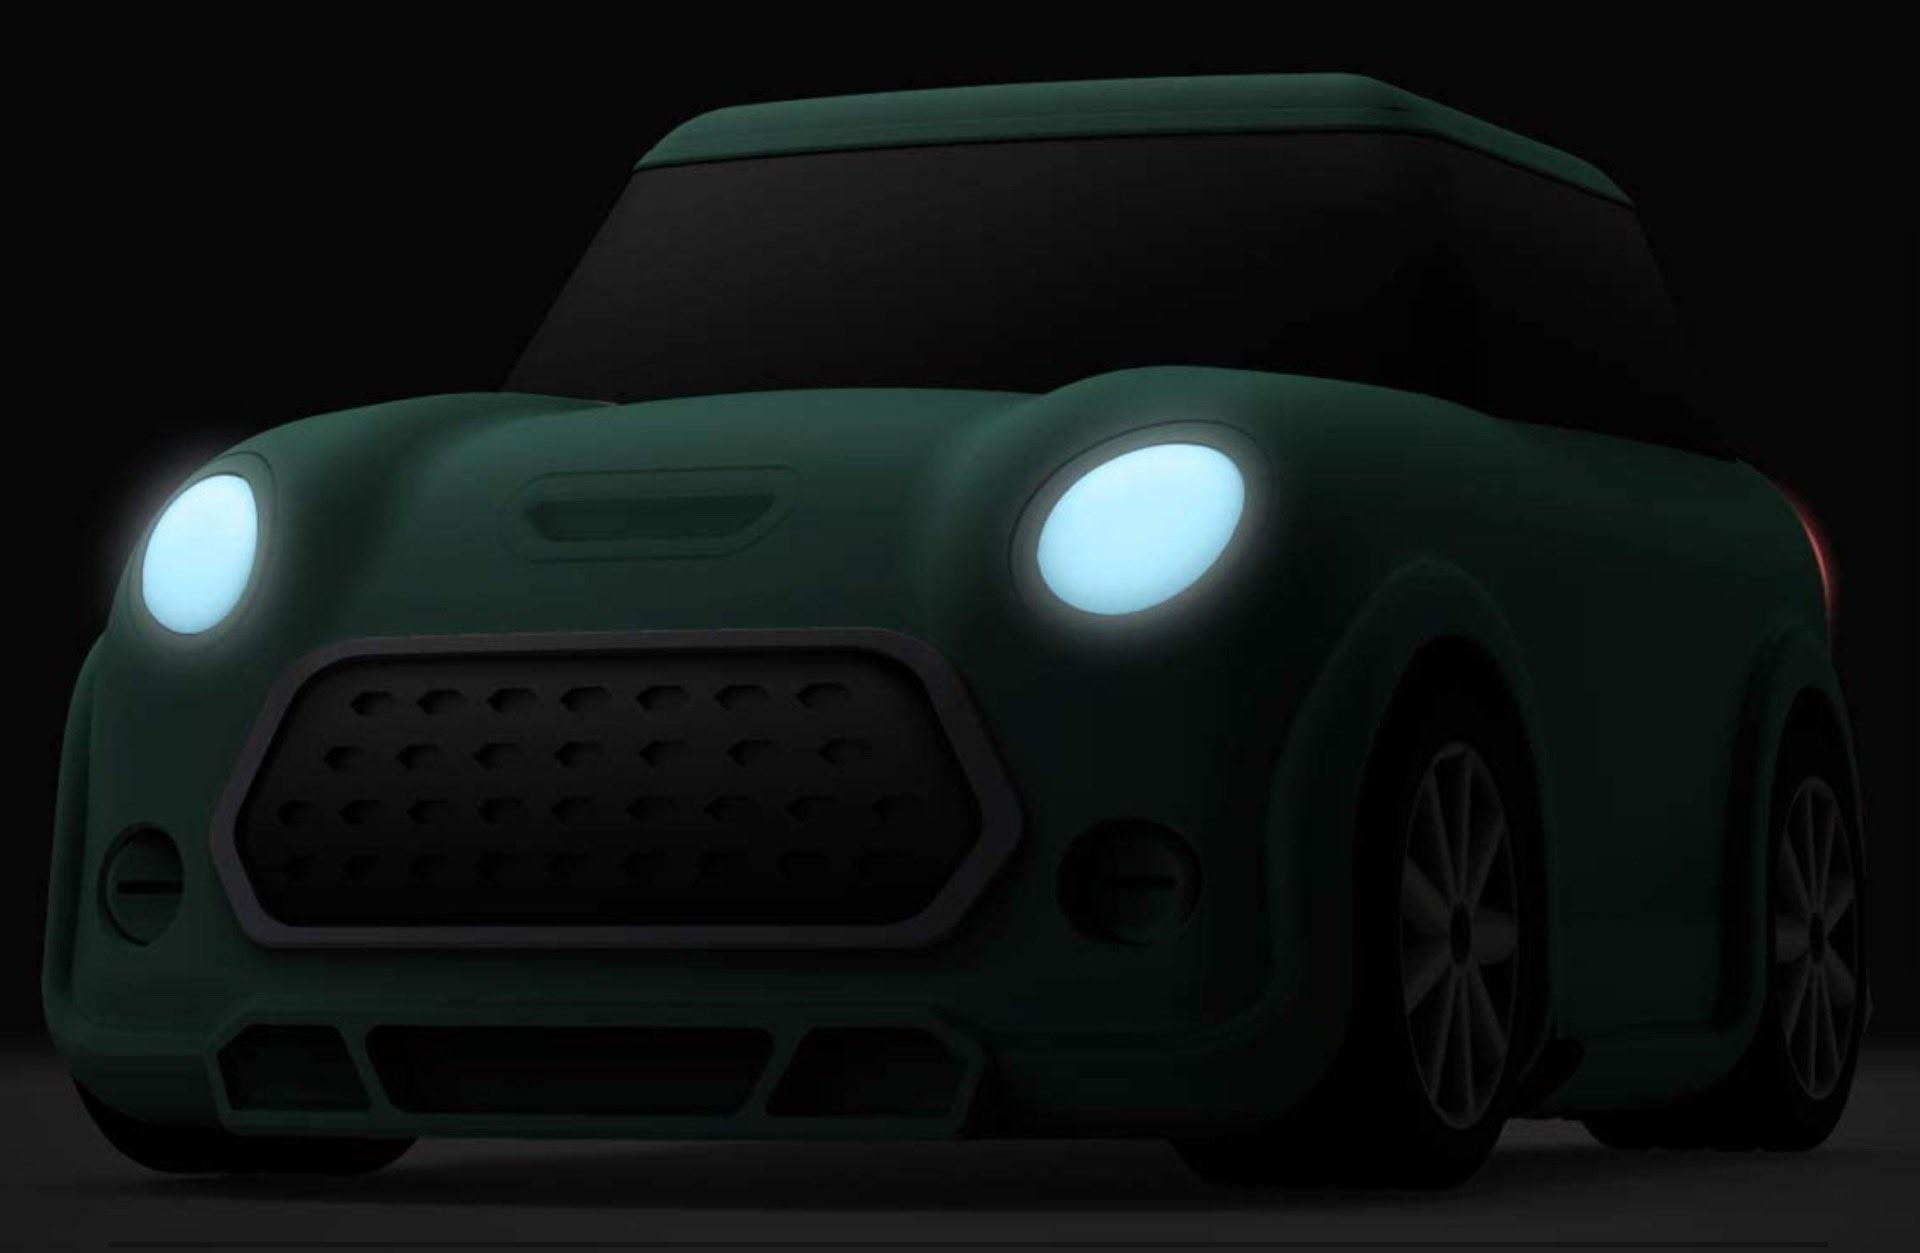 elago-mini-car-airpods-case-glow